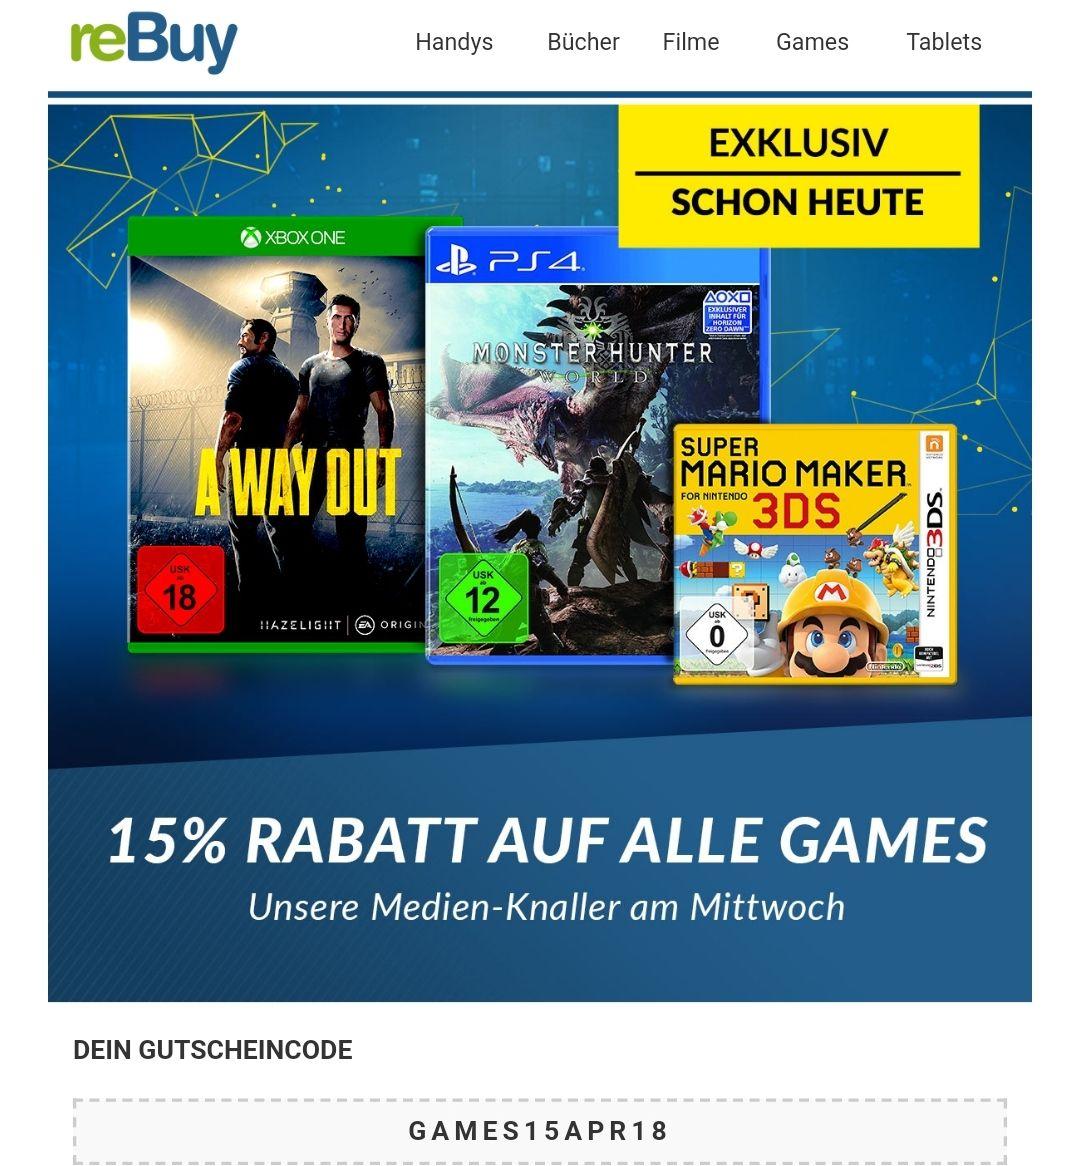 15% Rabatt auf alle Games (20€ MBW) [Rebuy.de]